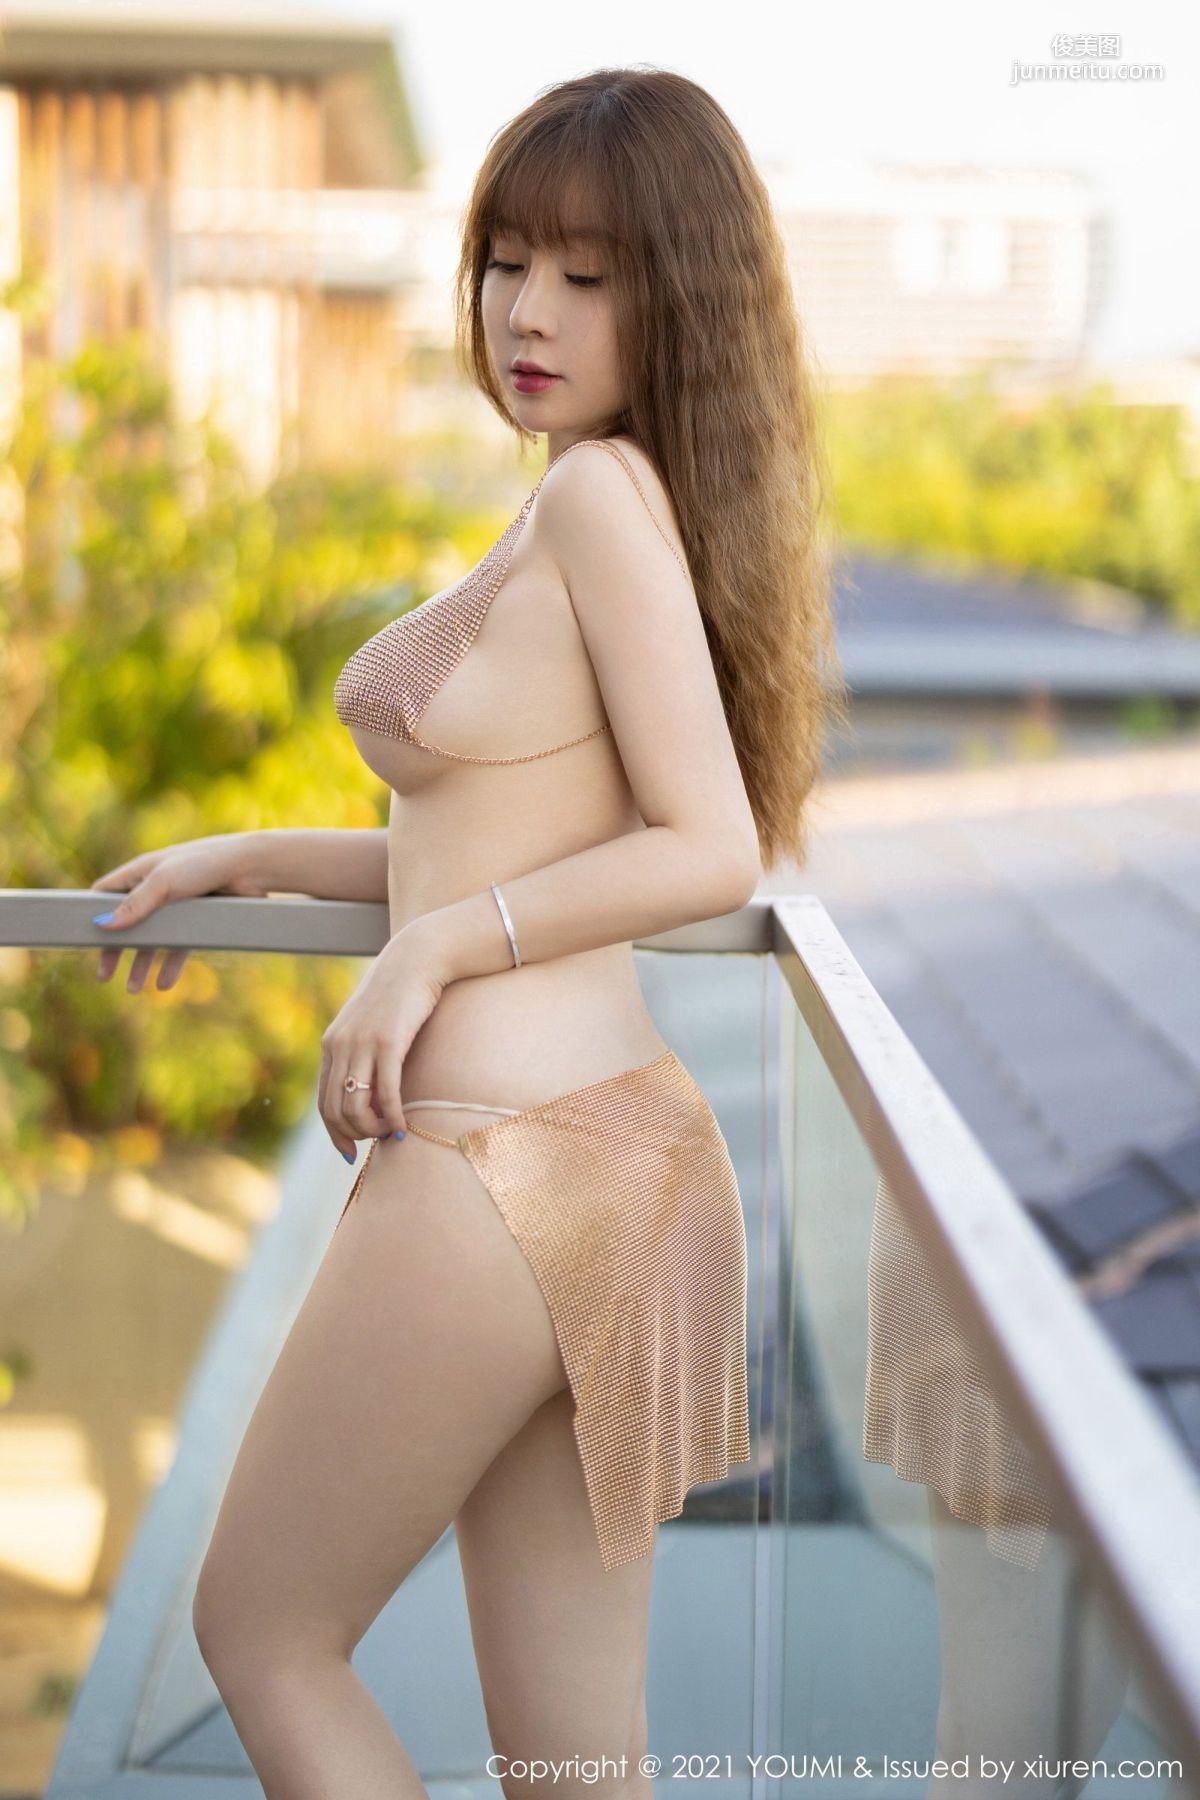 王雨纯的三亚旅拍 精致的镂空内衣